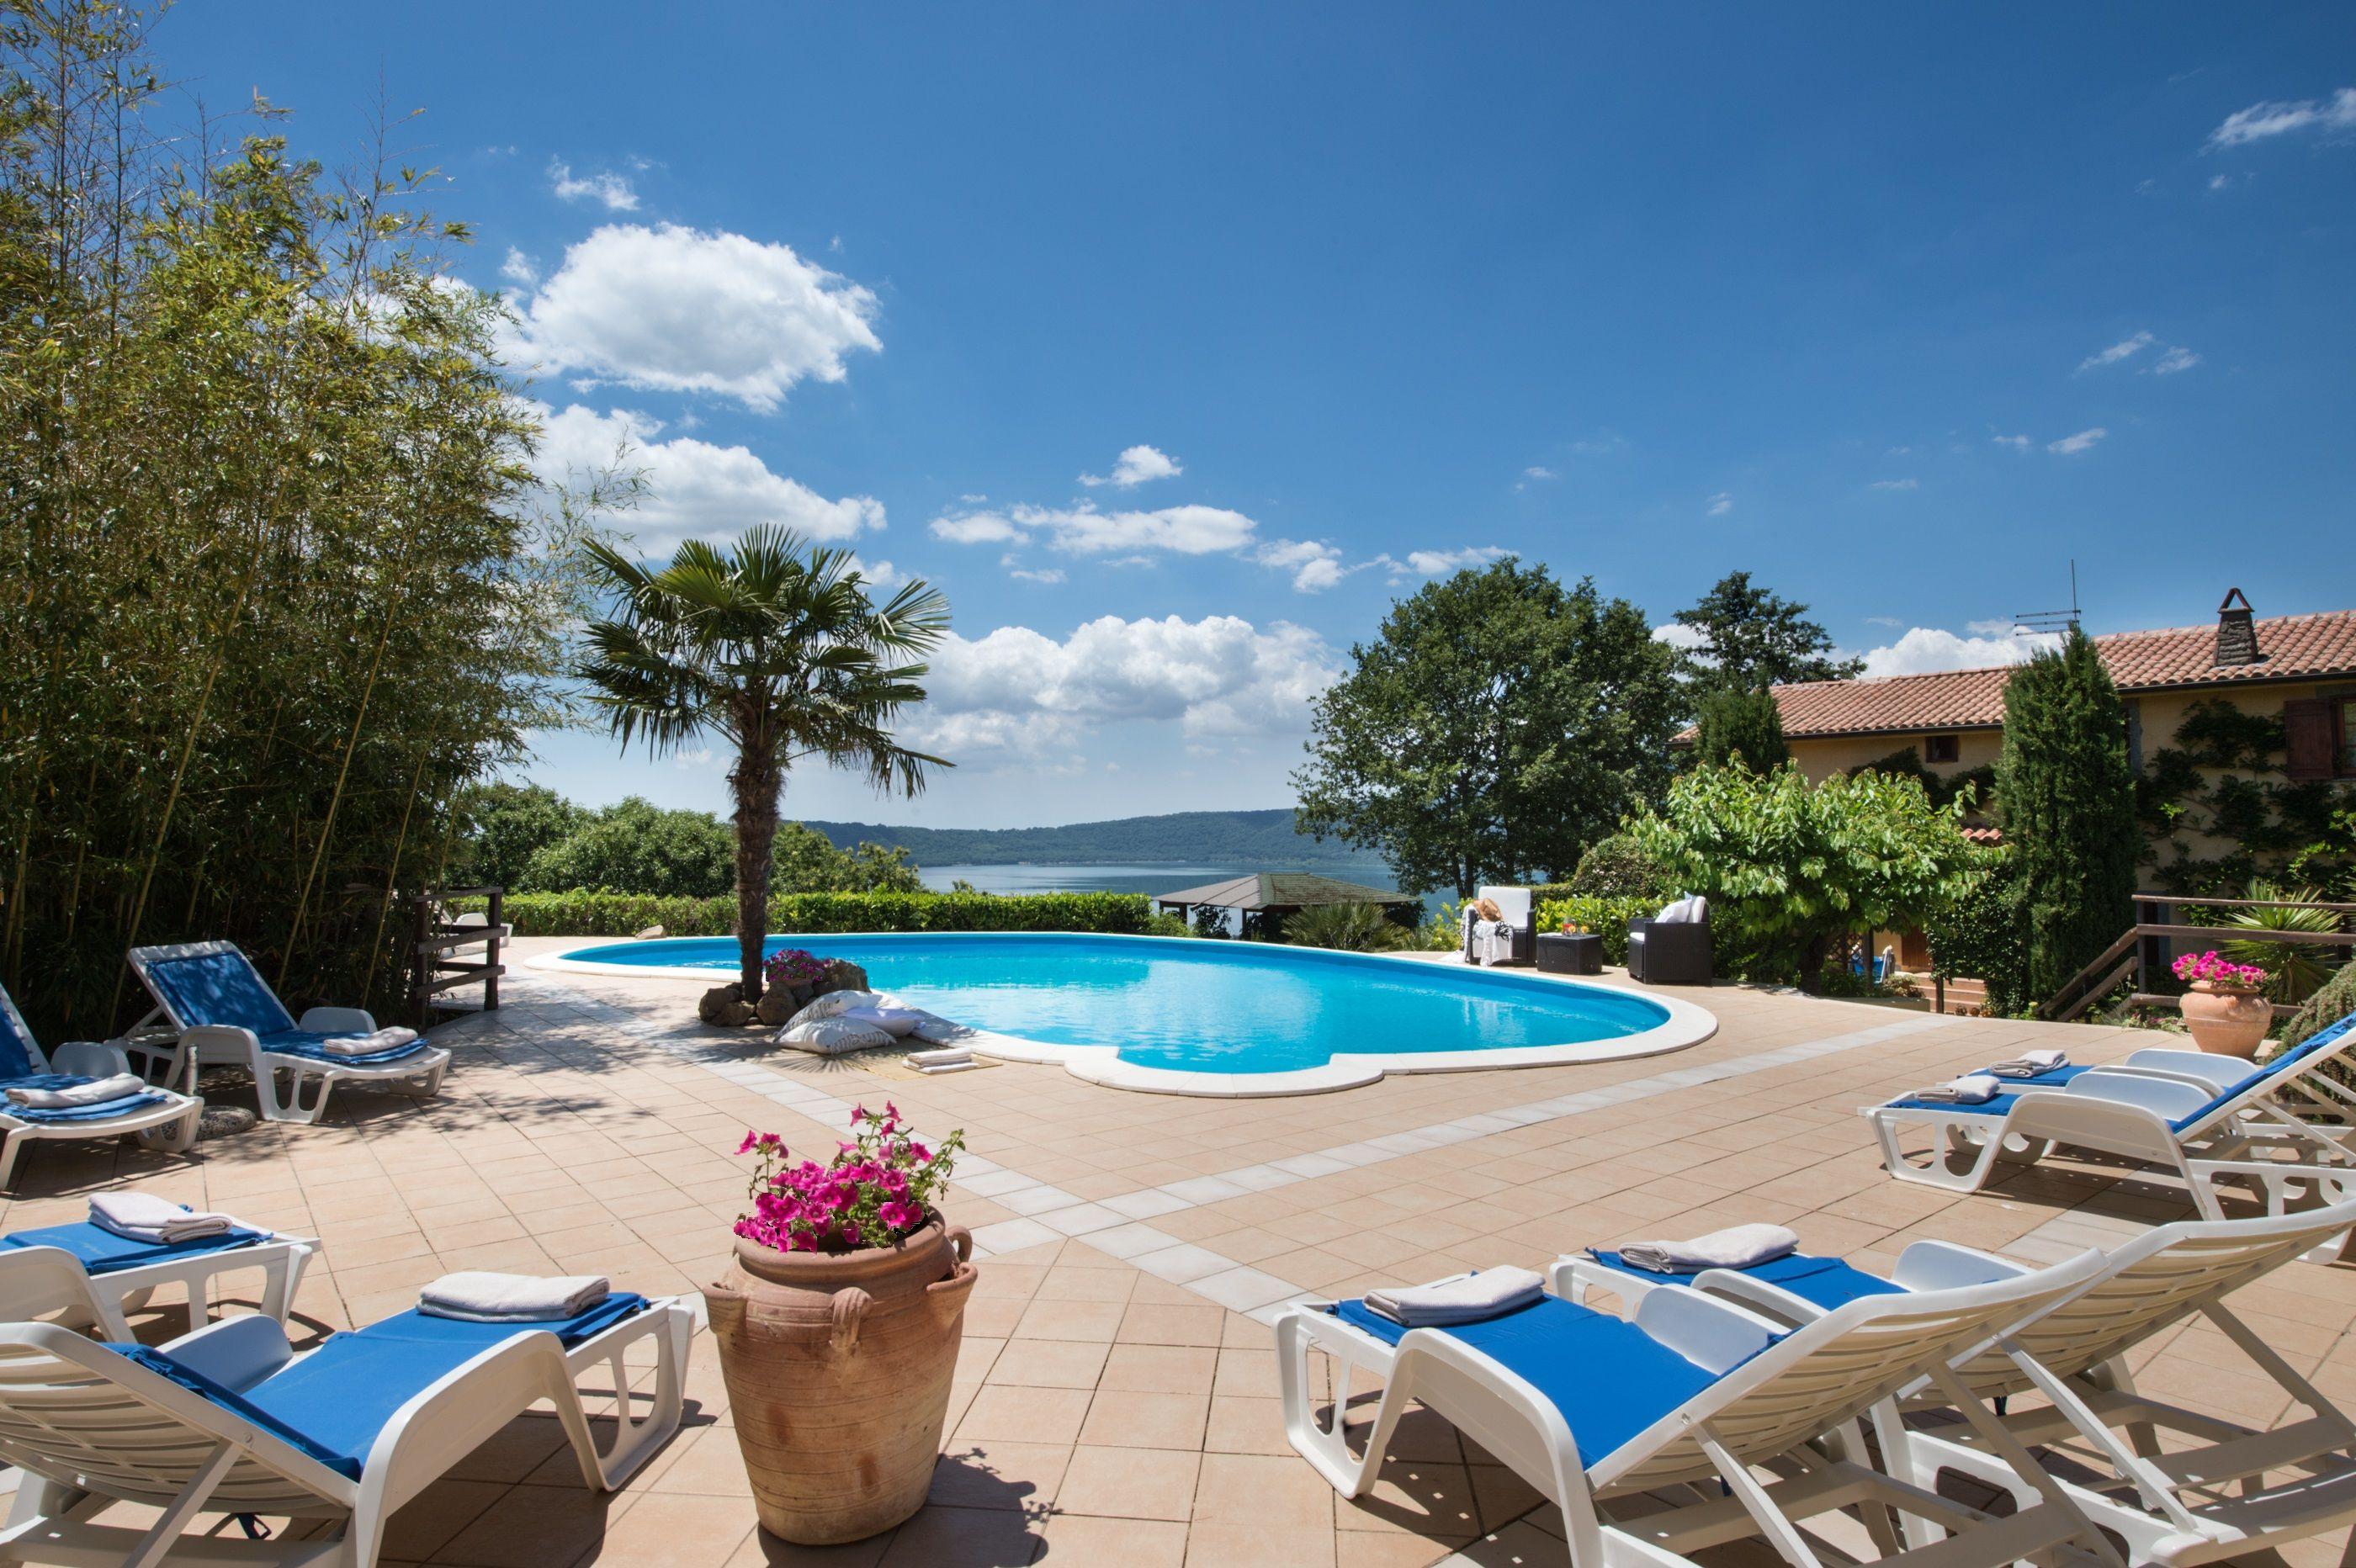 Affitto villa con piscina e vista sul Lago di Vico per